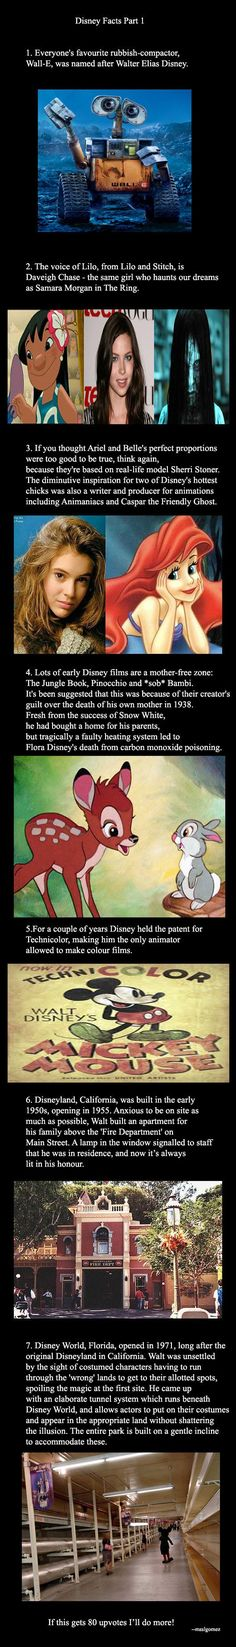 Disney Facts Part 1